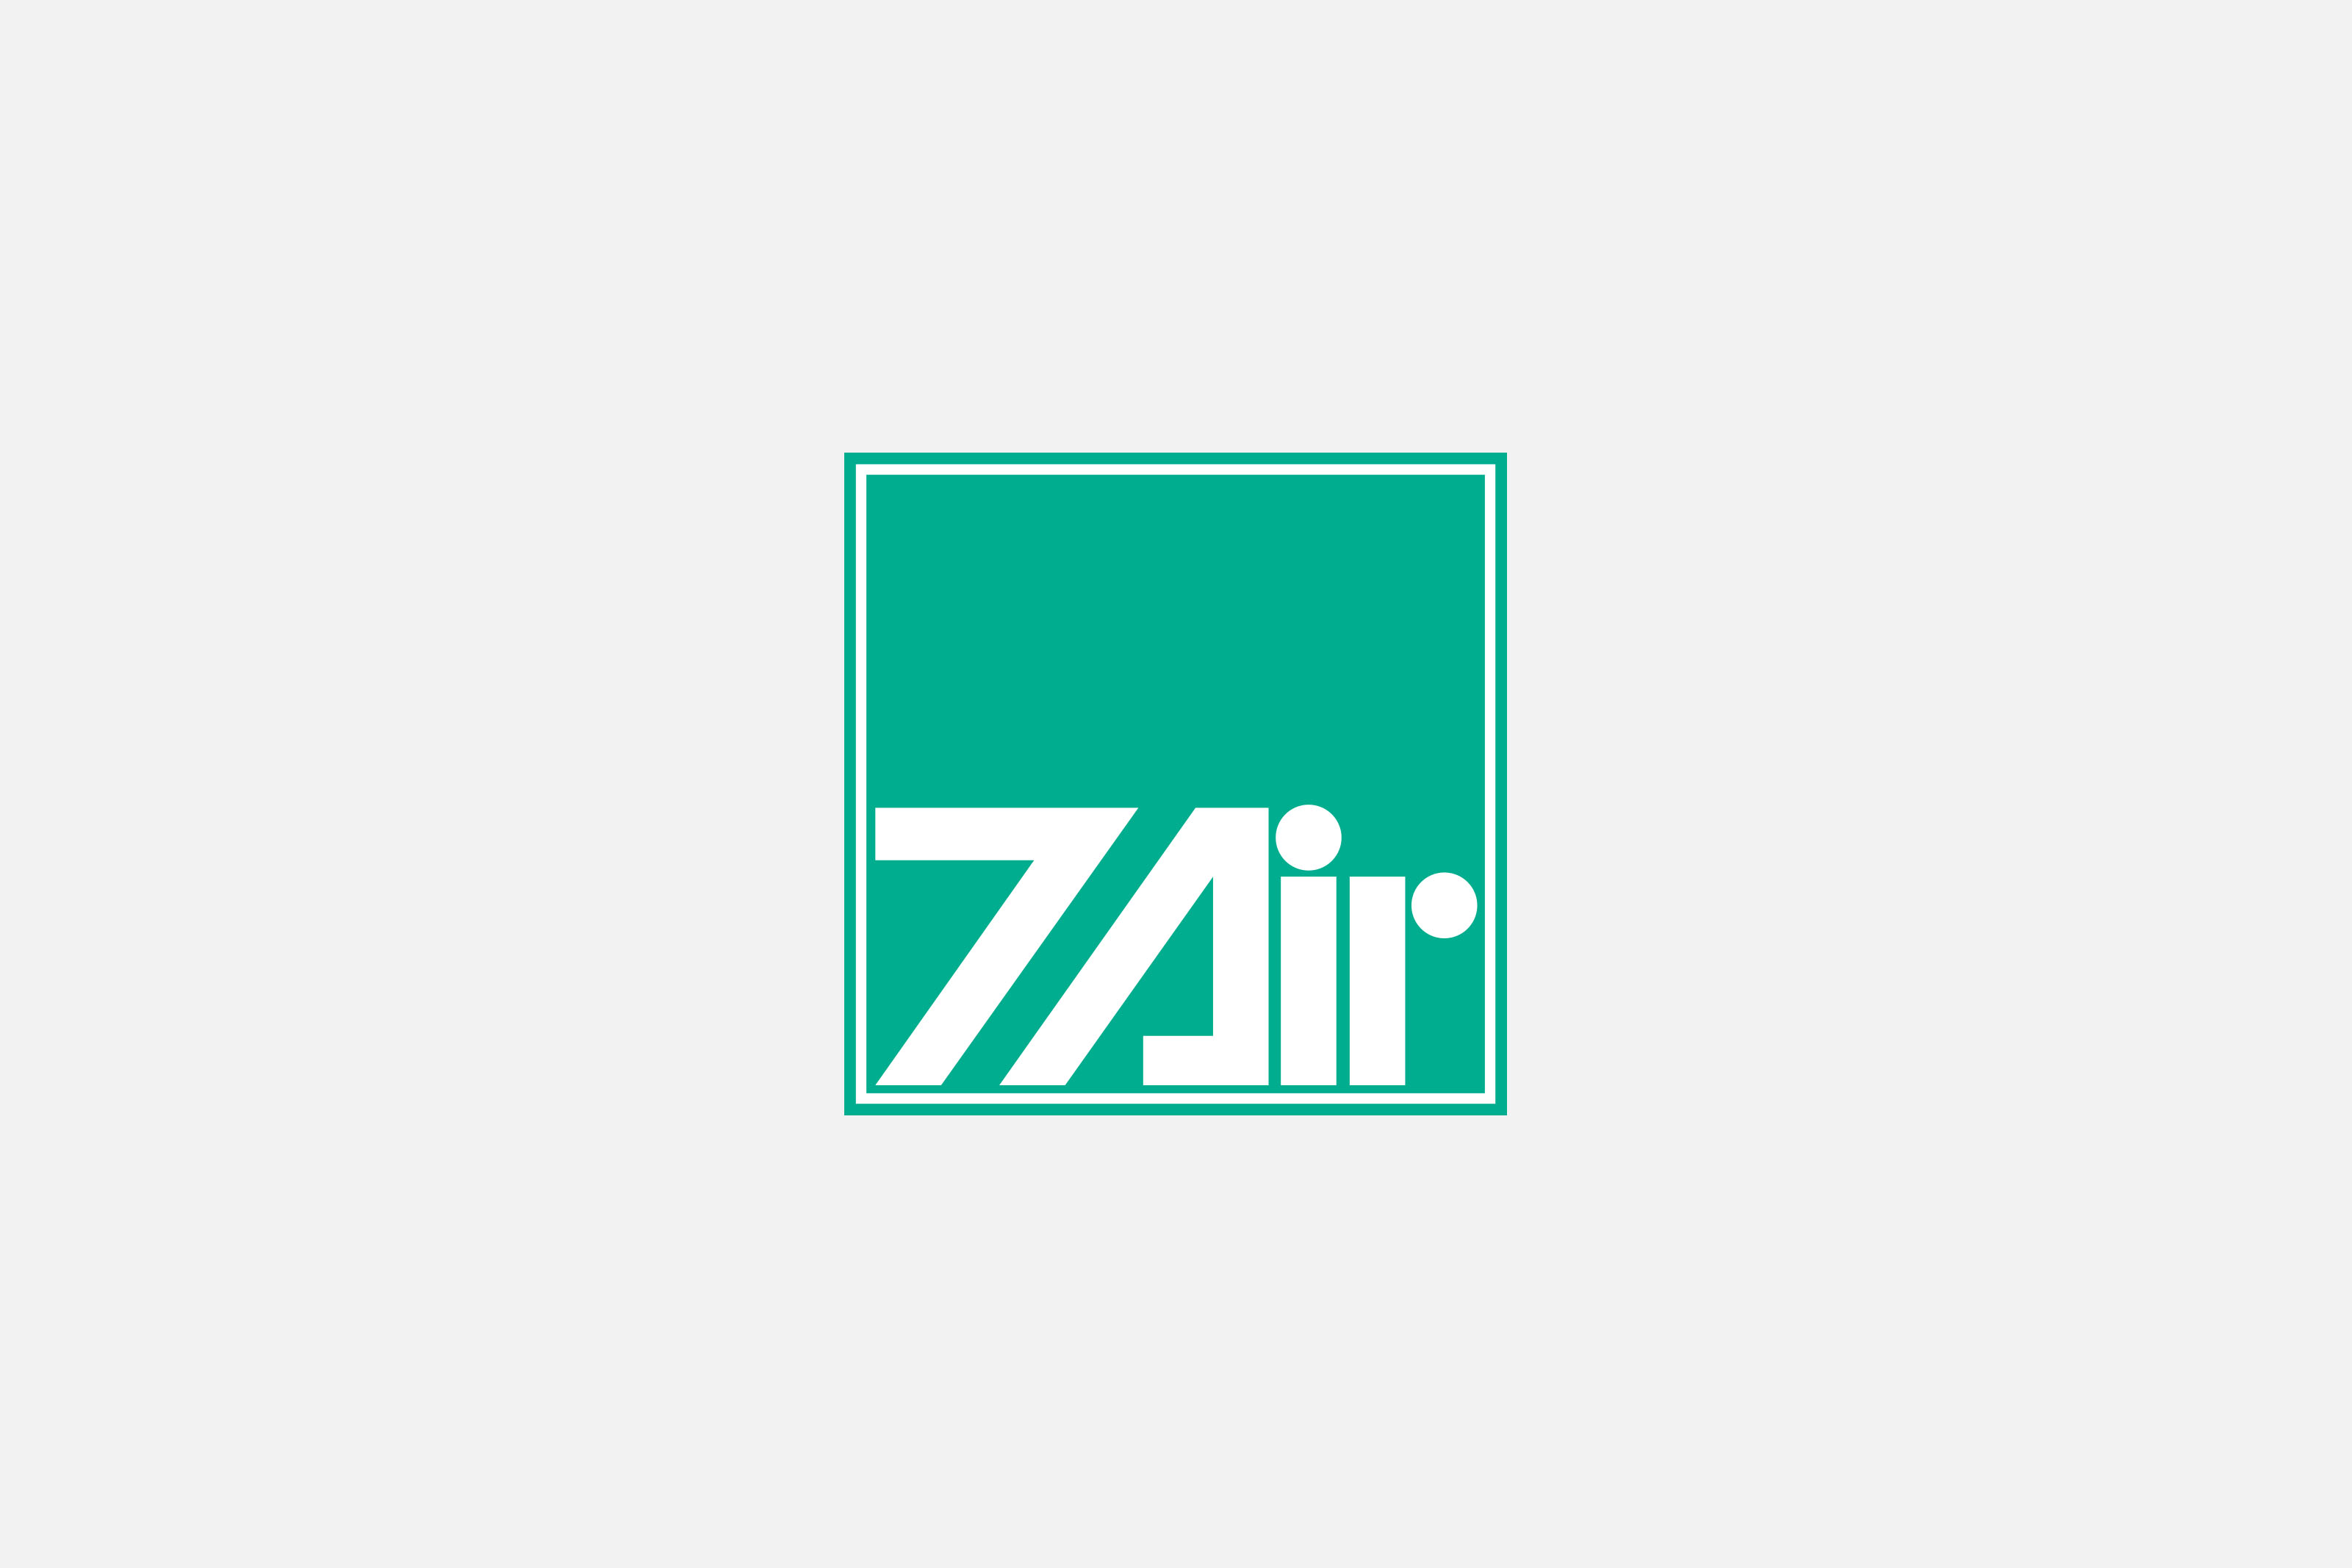 Seven Air